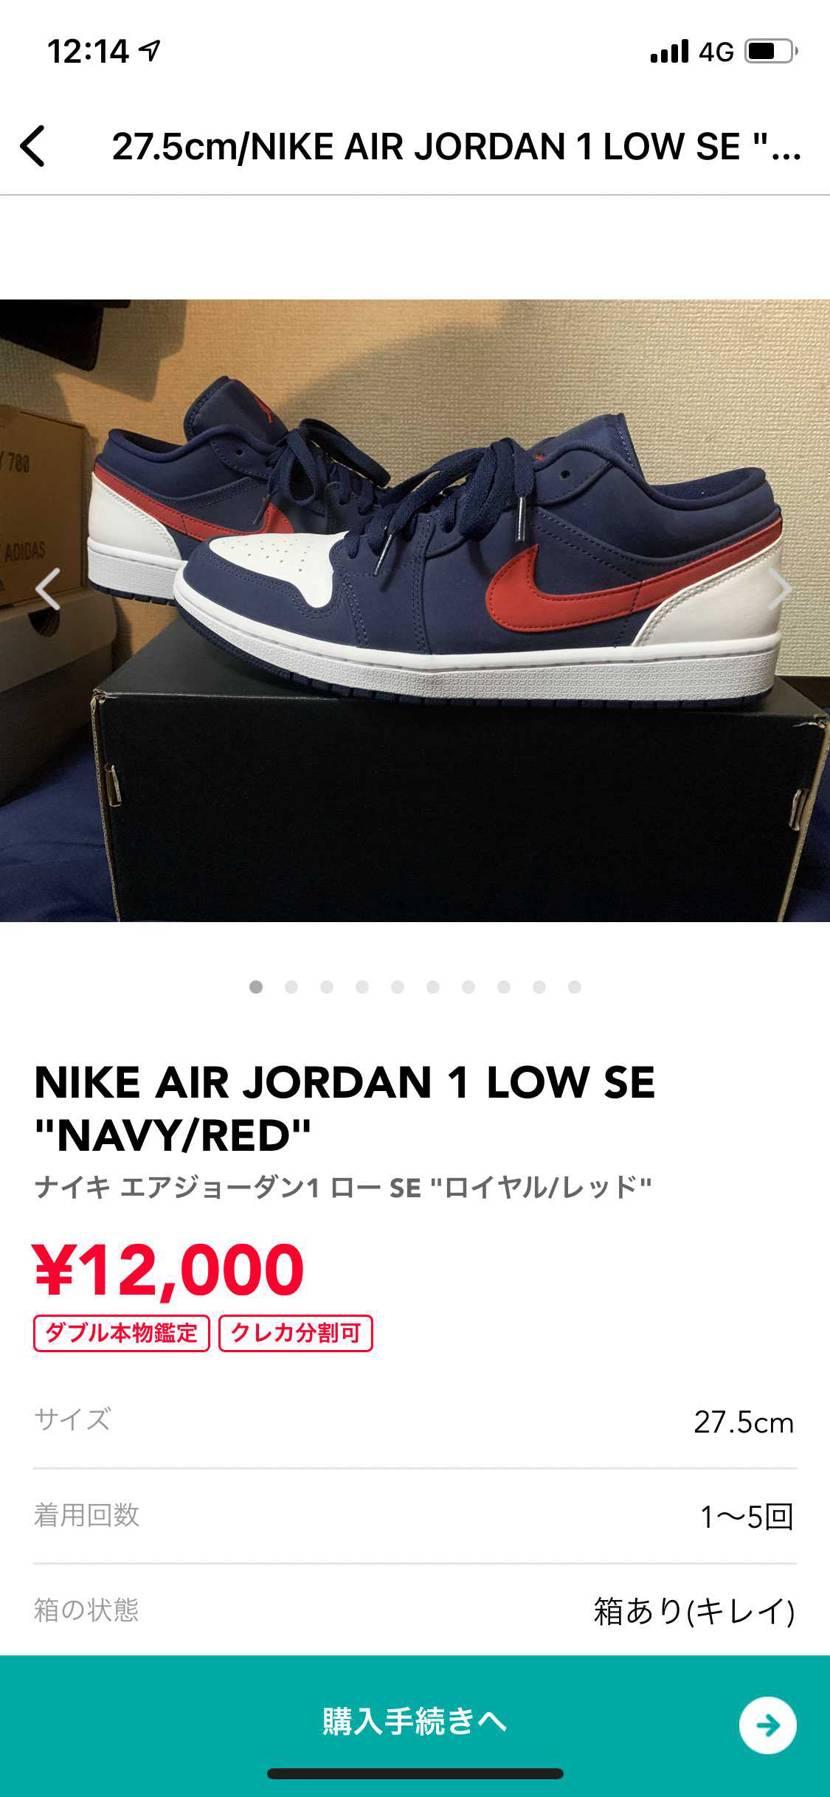 出品者様 1万円ならすぐ買う。よろしくお願いします